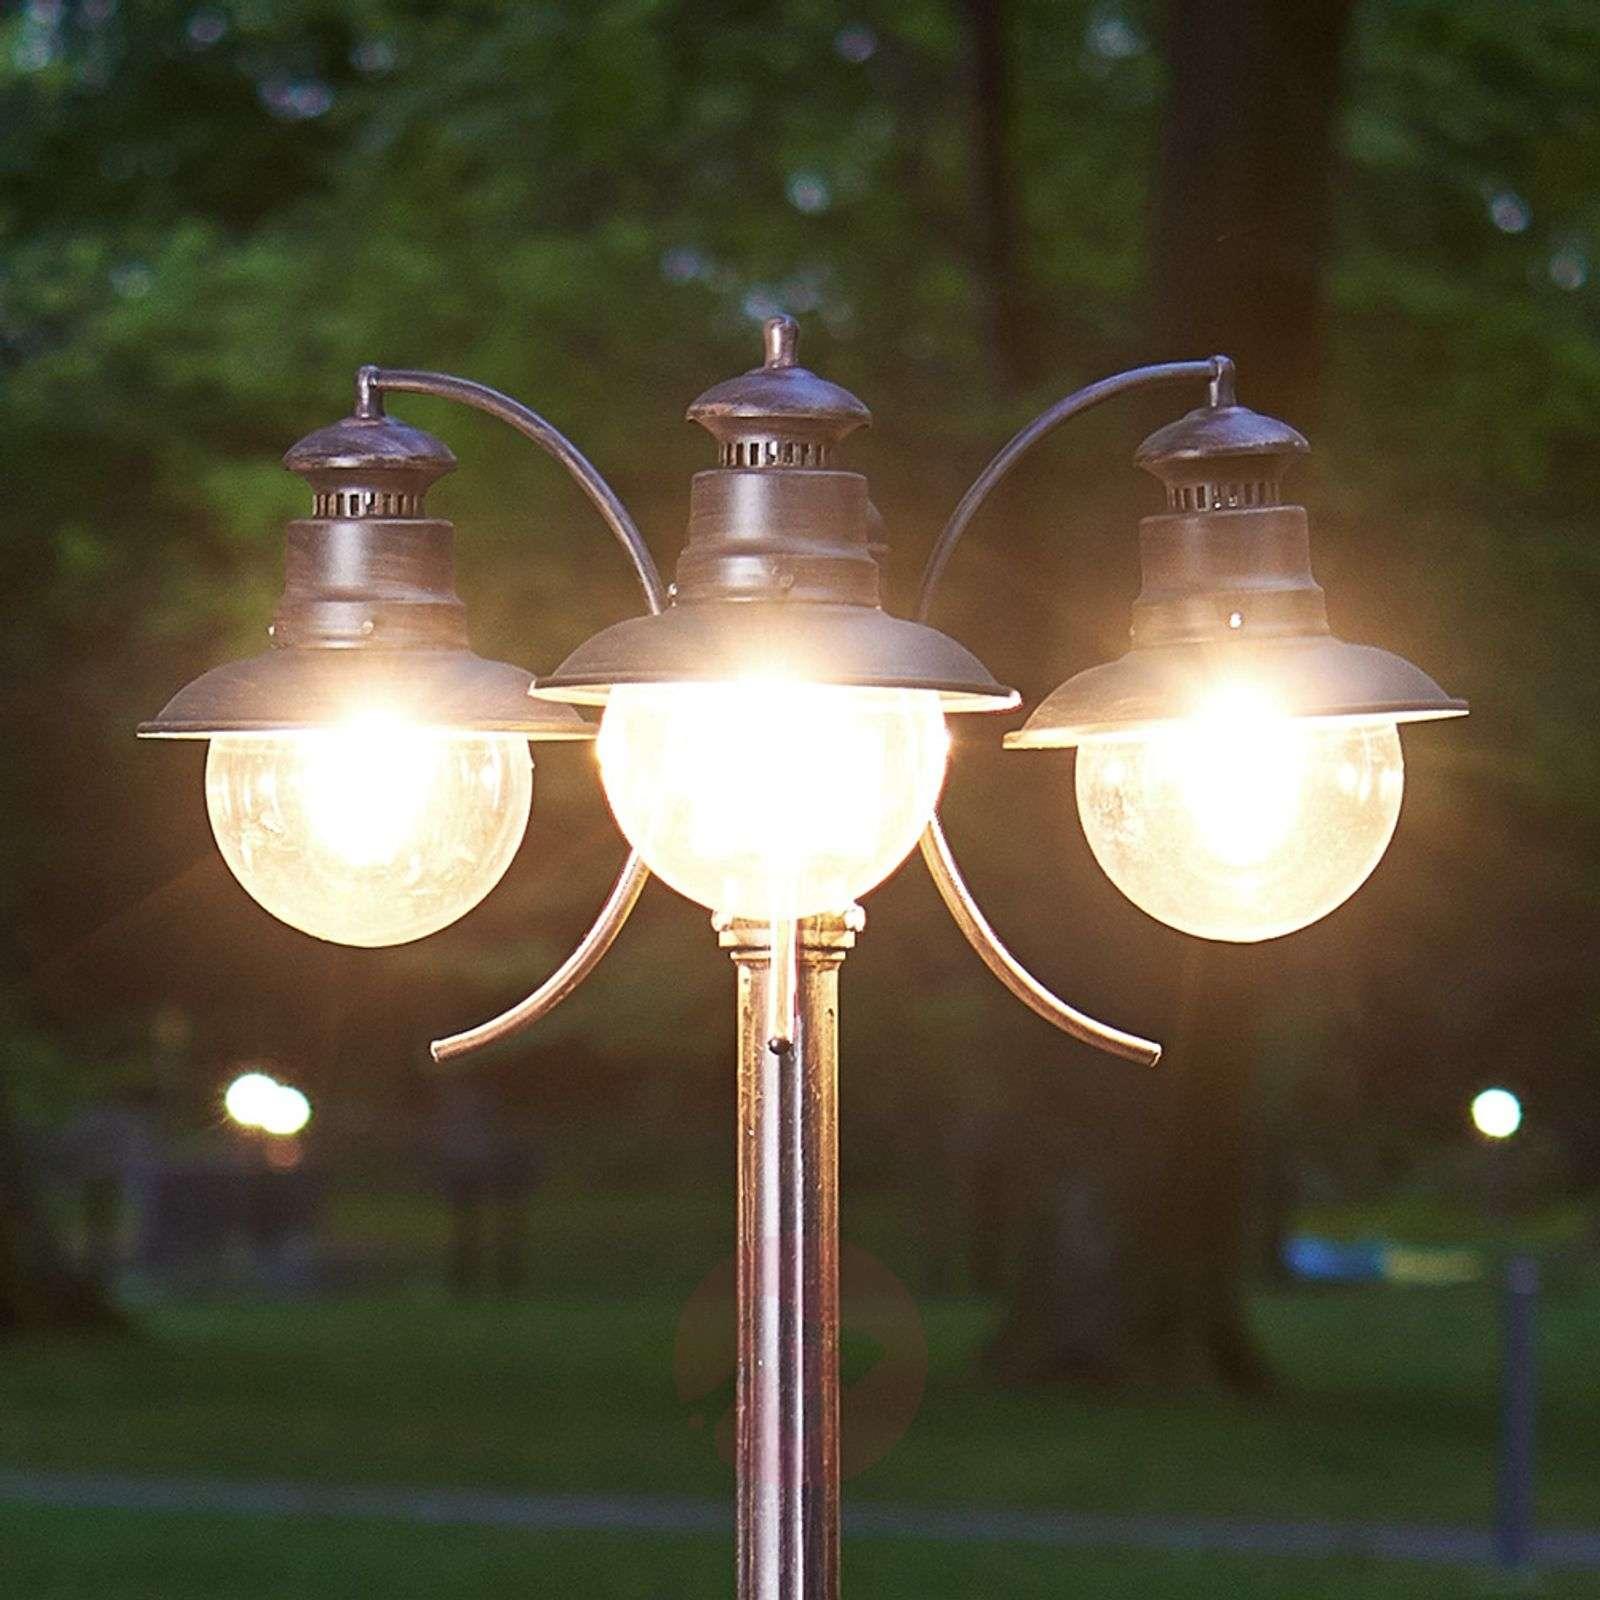 Eddie three bulb post light ip44 lights eddie three bulb post light ip44 9630004 01 aloadofball Choice Image